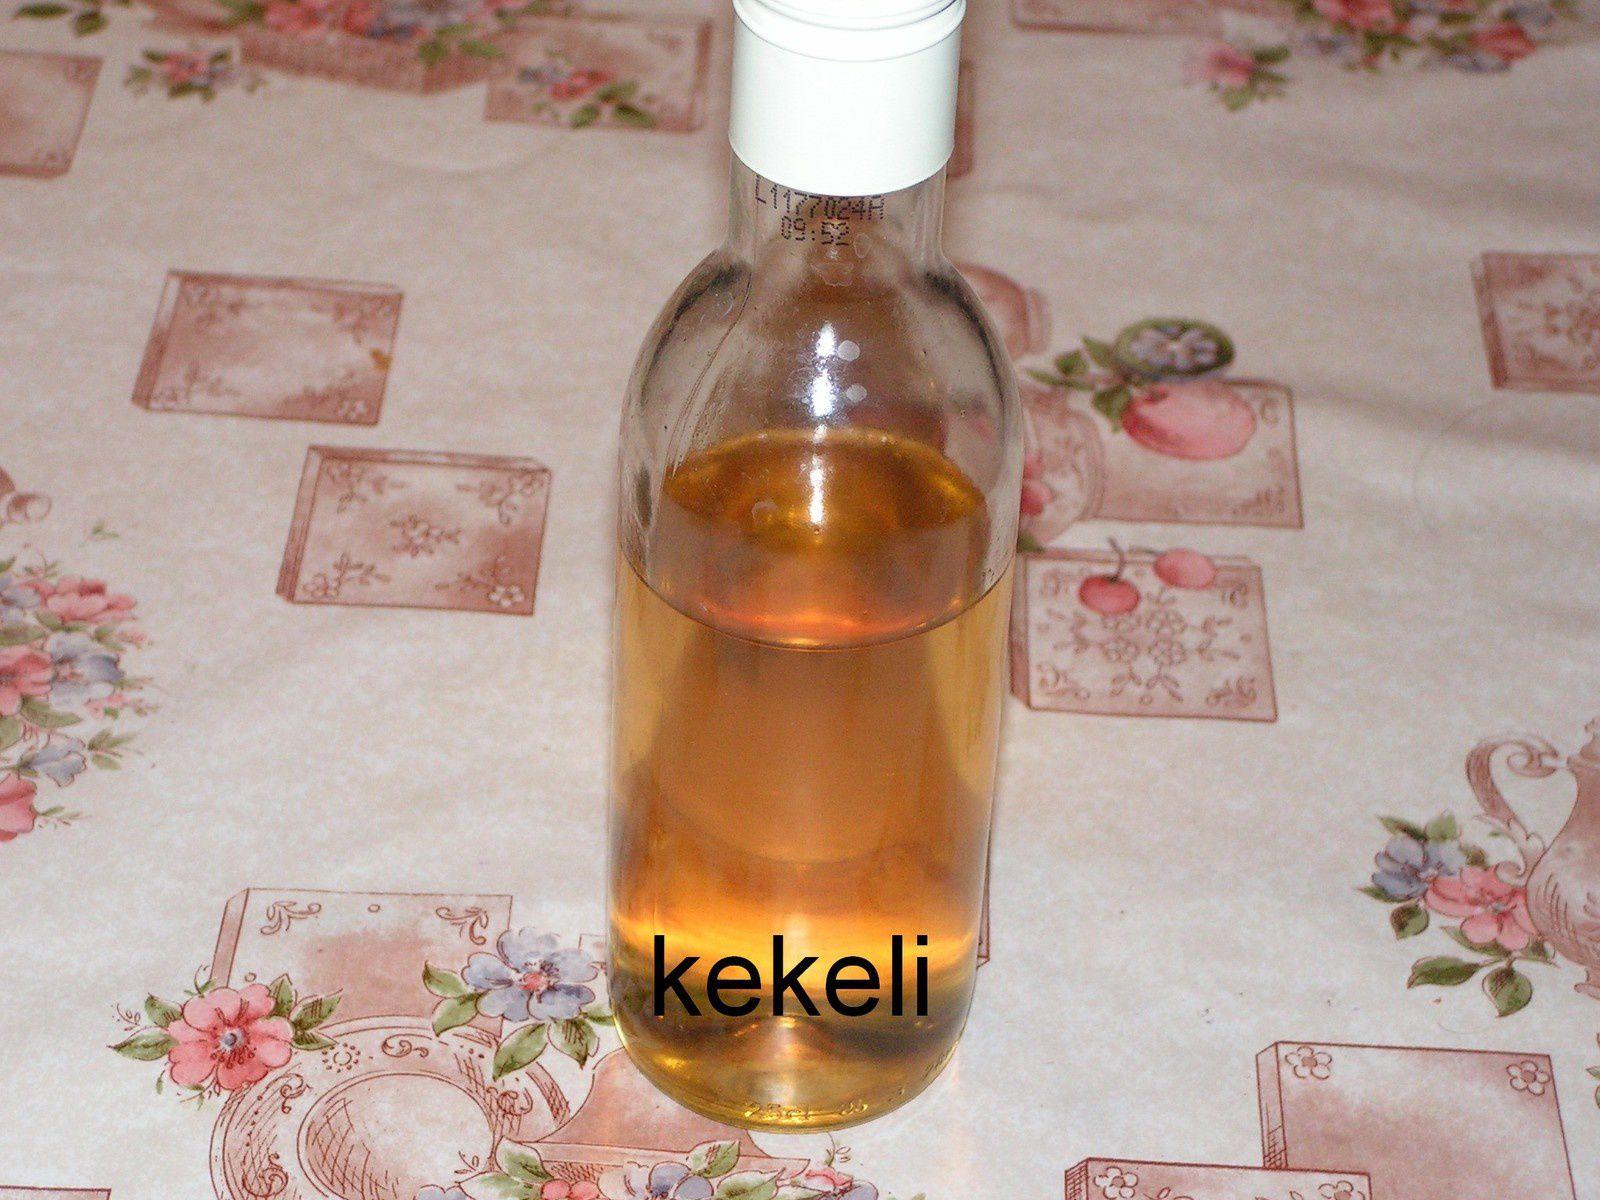 Liqueur de noyaux